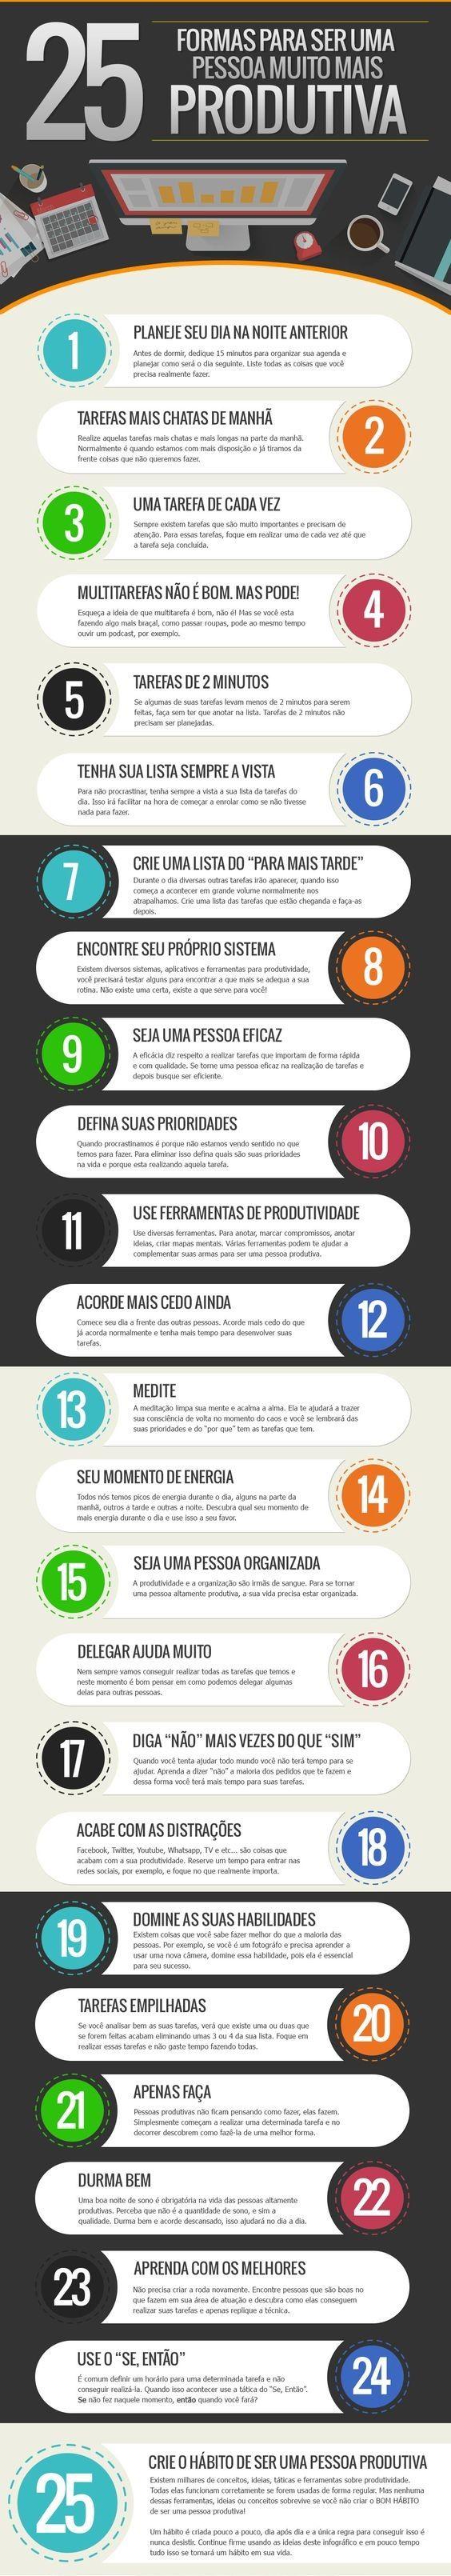 25 Hábitos das pessoas produtivas | Nathan Oliveira | LinkedIn #TimBeta #BetaLab #QueroSerLab